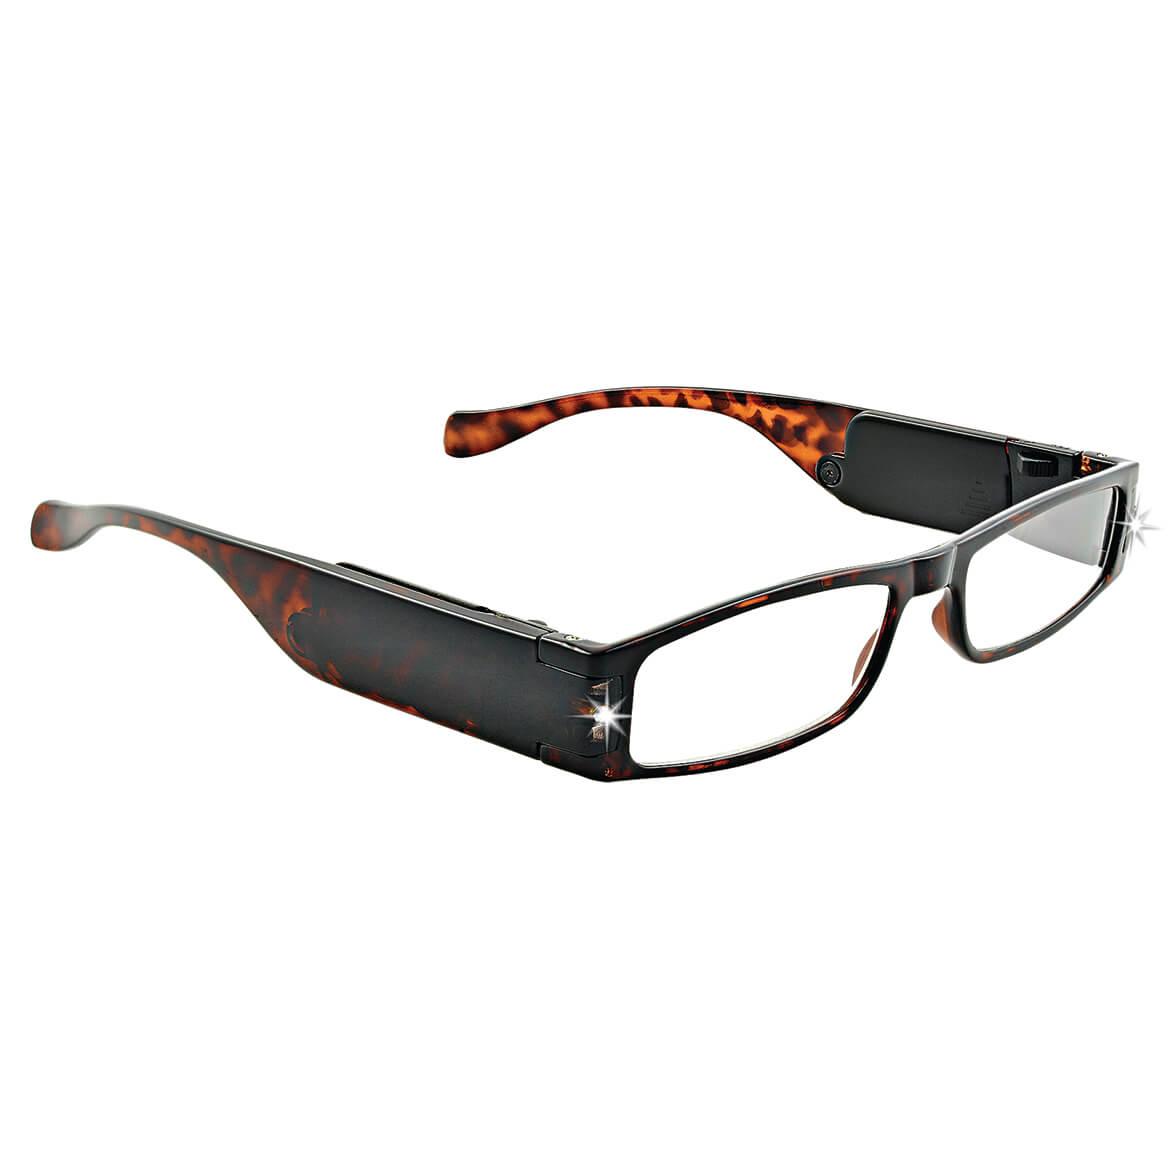 Lightspecs® LightWeight LED Reading Glasses